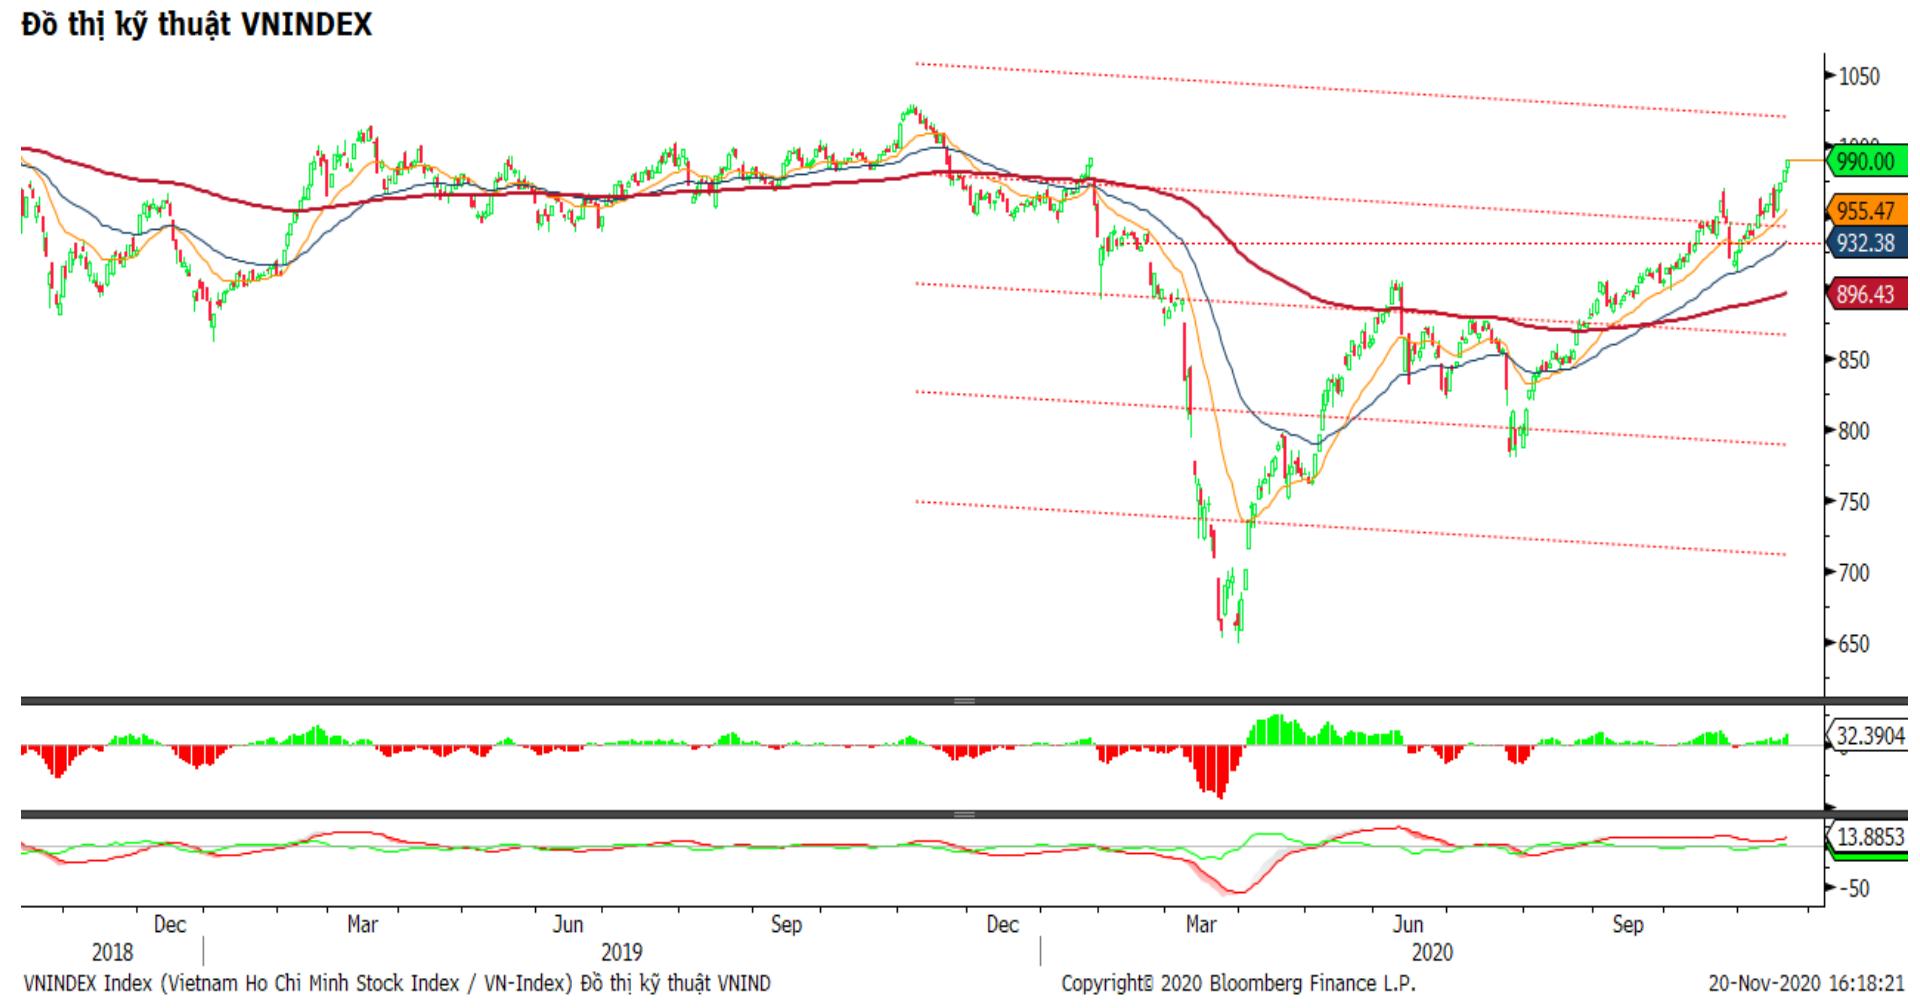 Nhận định thị trường chứng khoán tuần 23 - 27/11: Áp lực gia tăng tại mốc 1.000 điểm - Ảnh 1.